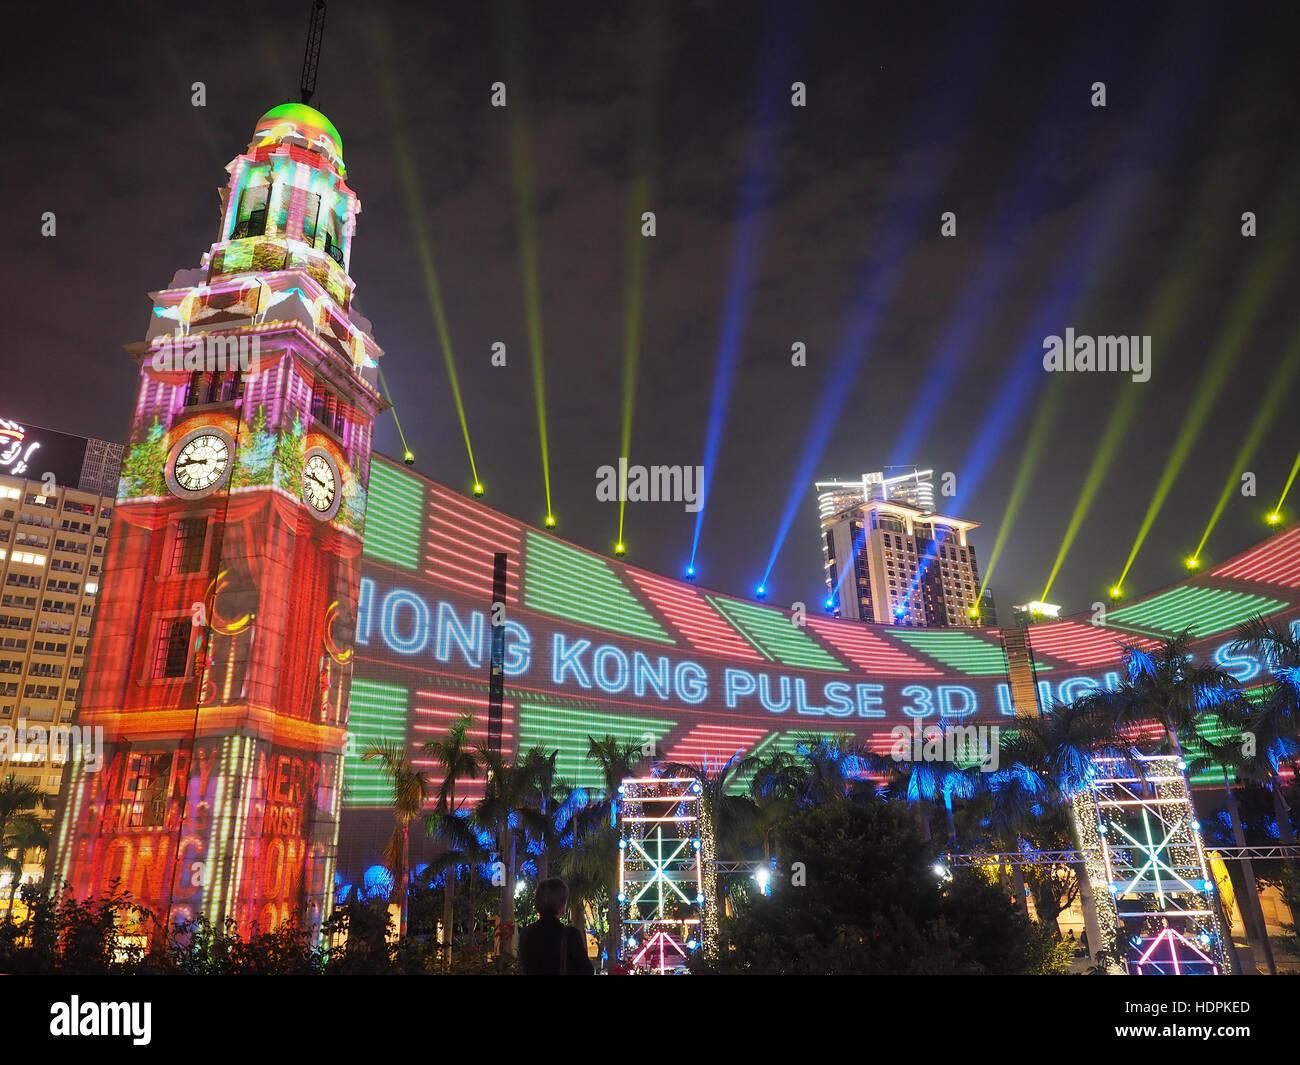 View of the Hong Kong Pulse 3D light show display at night at Christmas